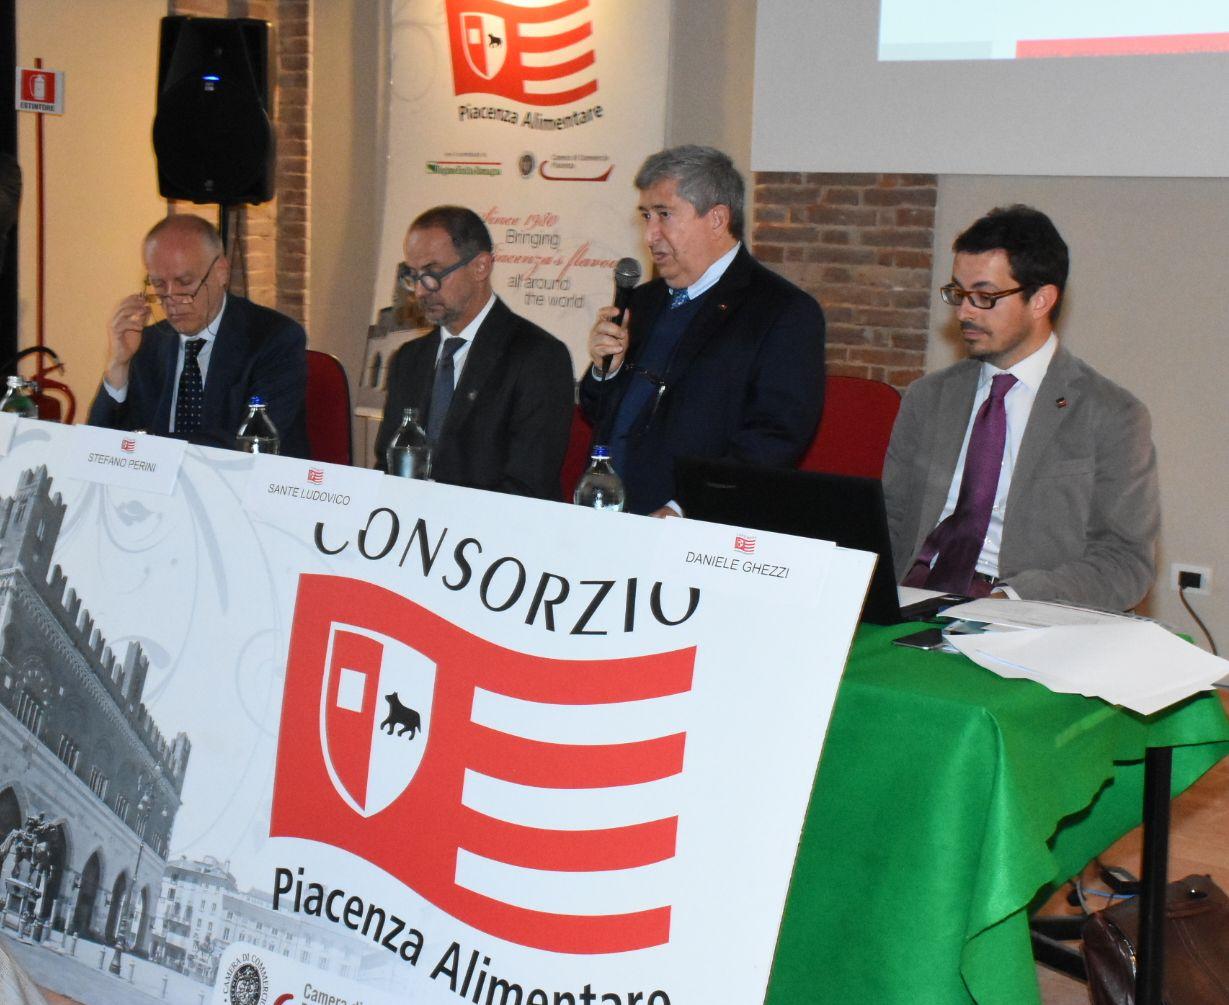 Piacenza Alimentare, fatturato in aumento dell'11,8% negli ultimi tre anni